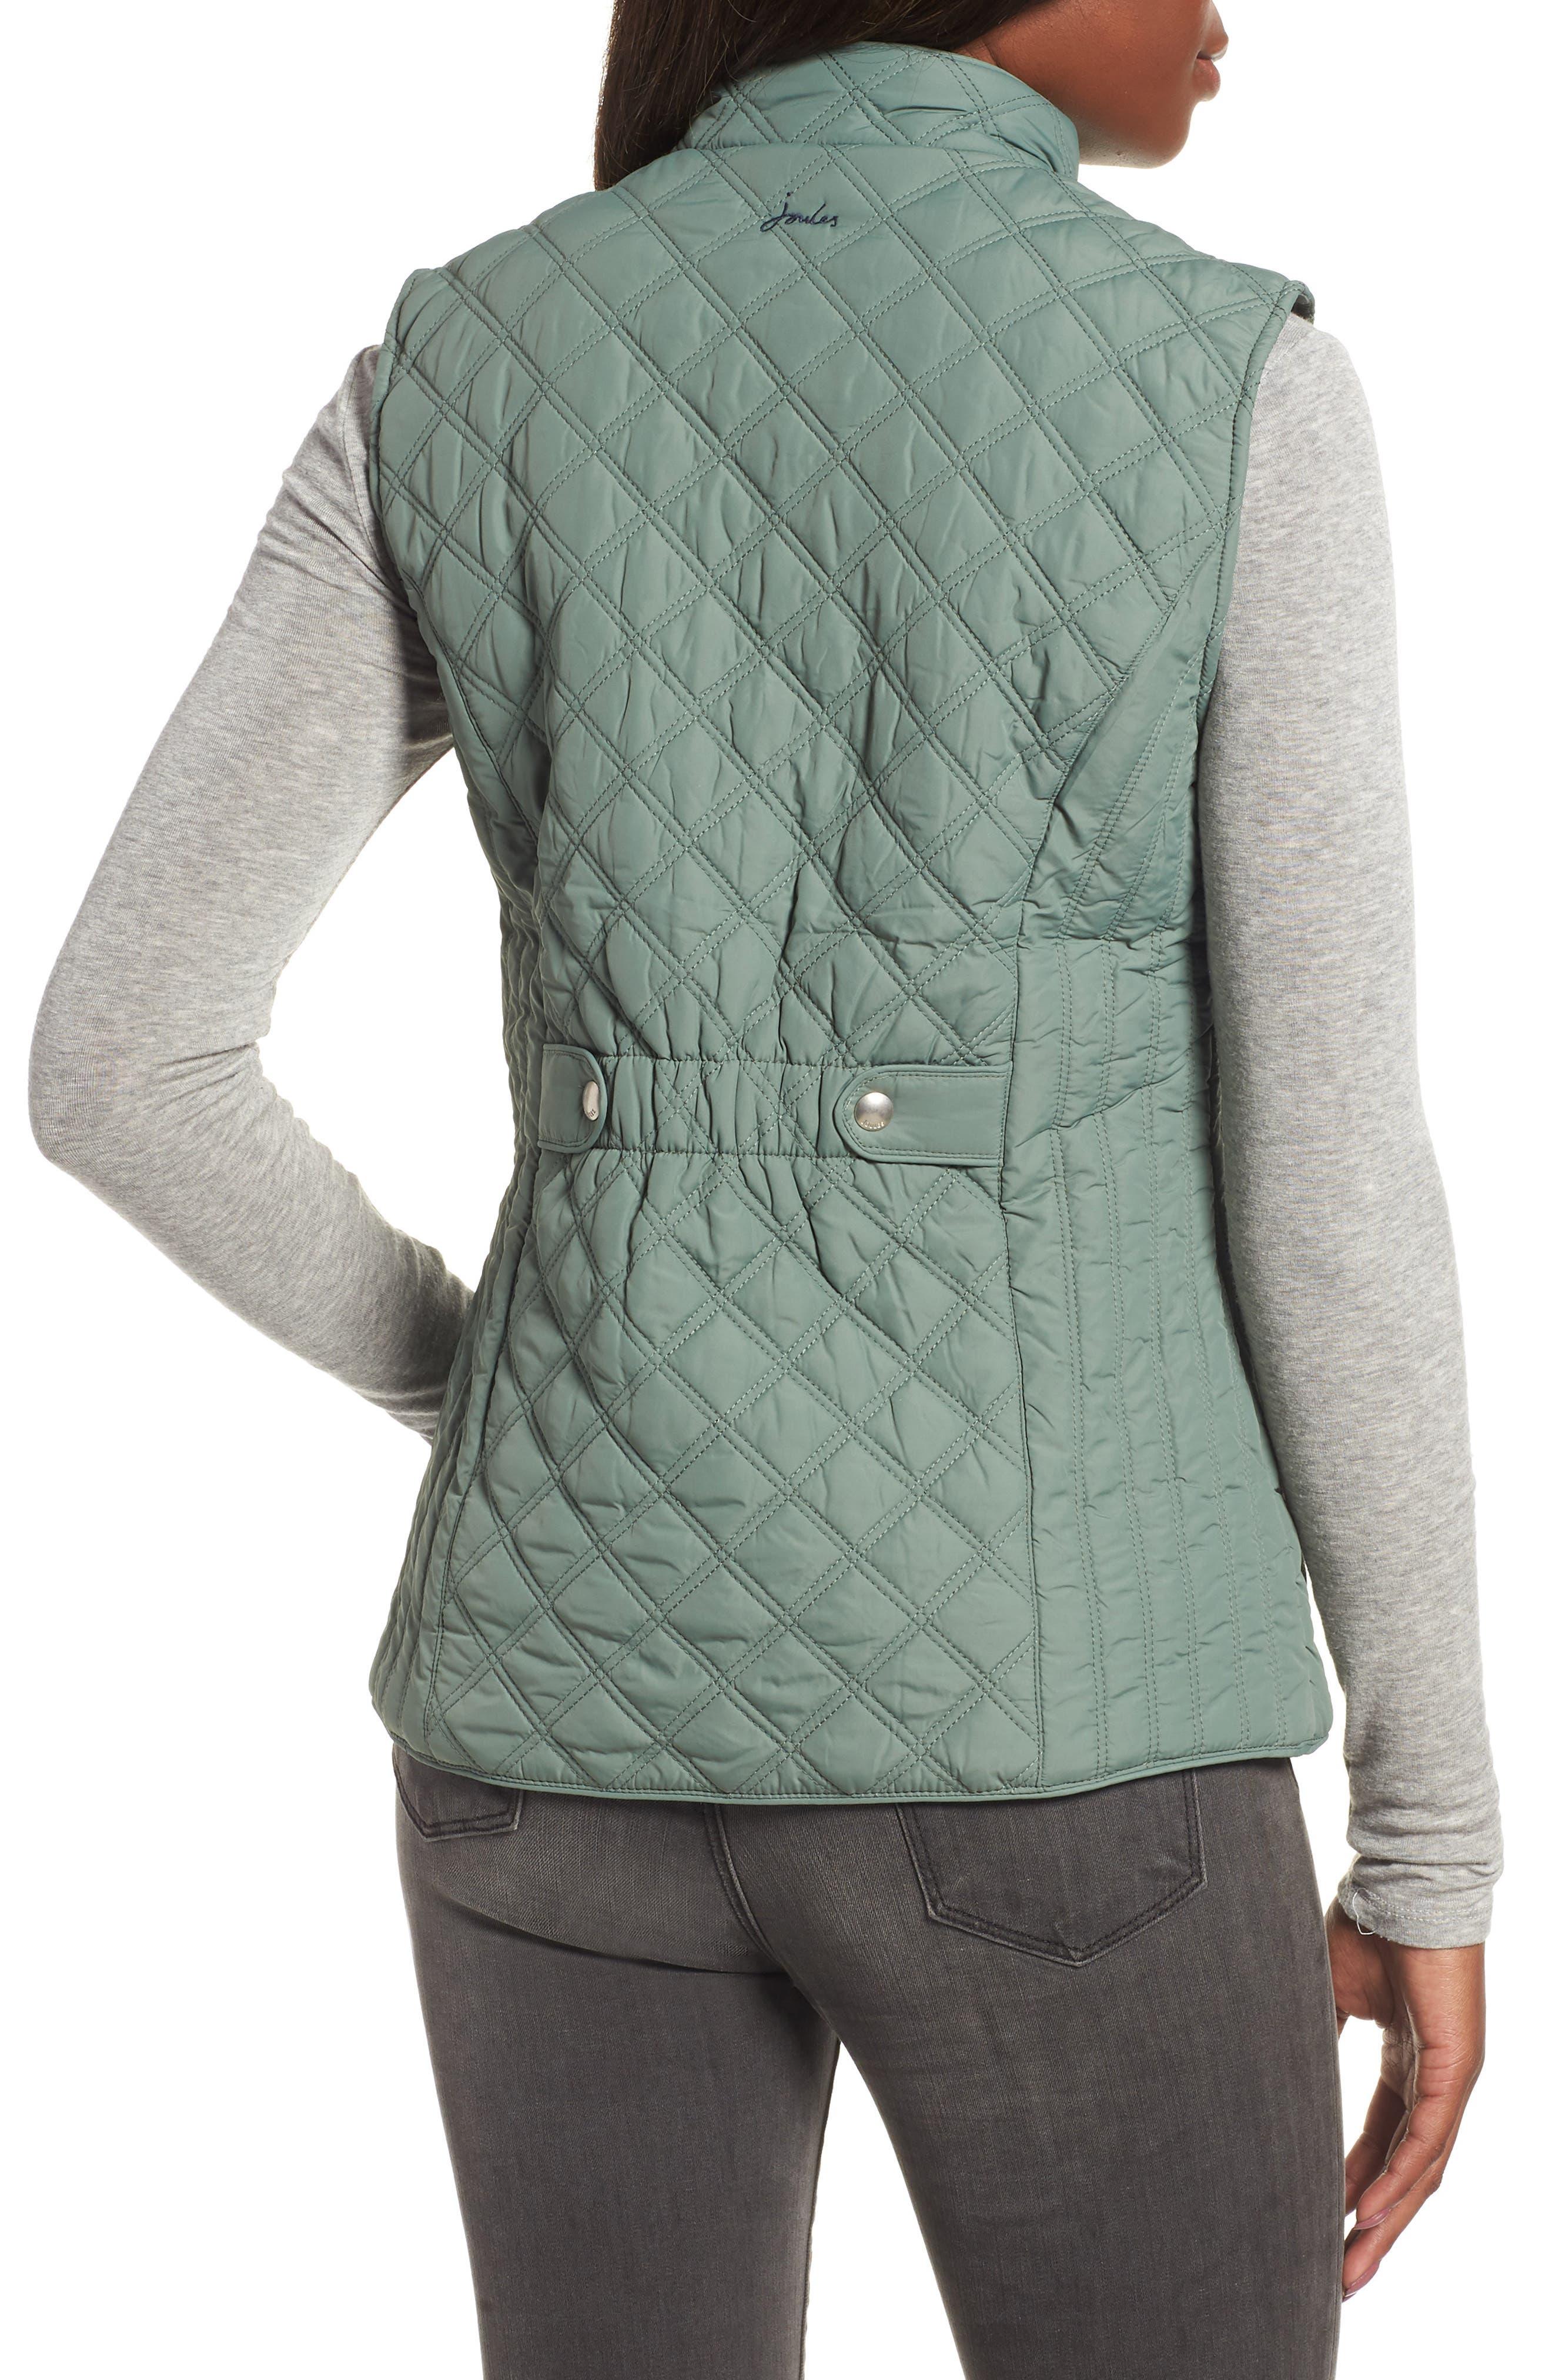 Minx Quilted Vest,                             Alternate thumbnail 2, color,                             LAUREL 2